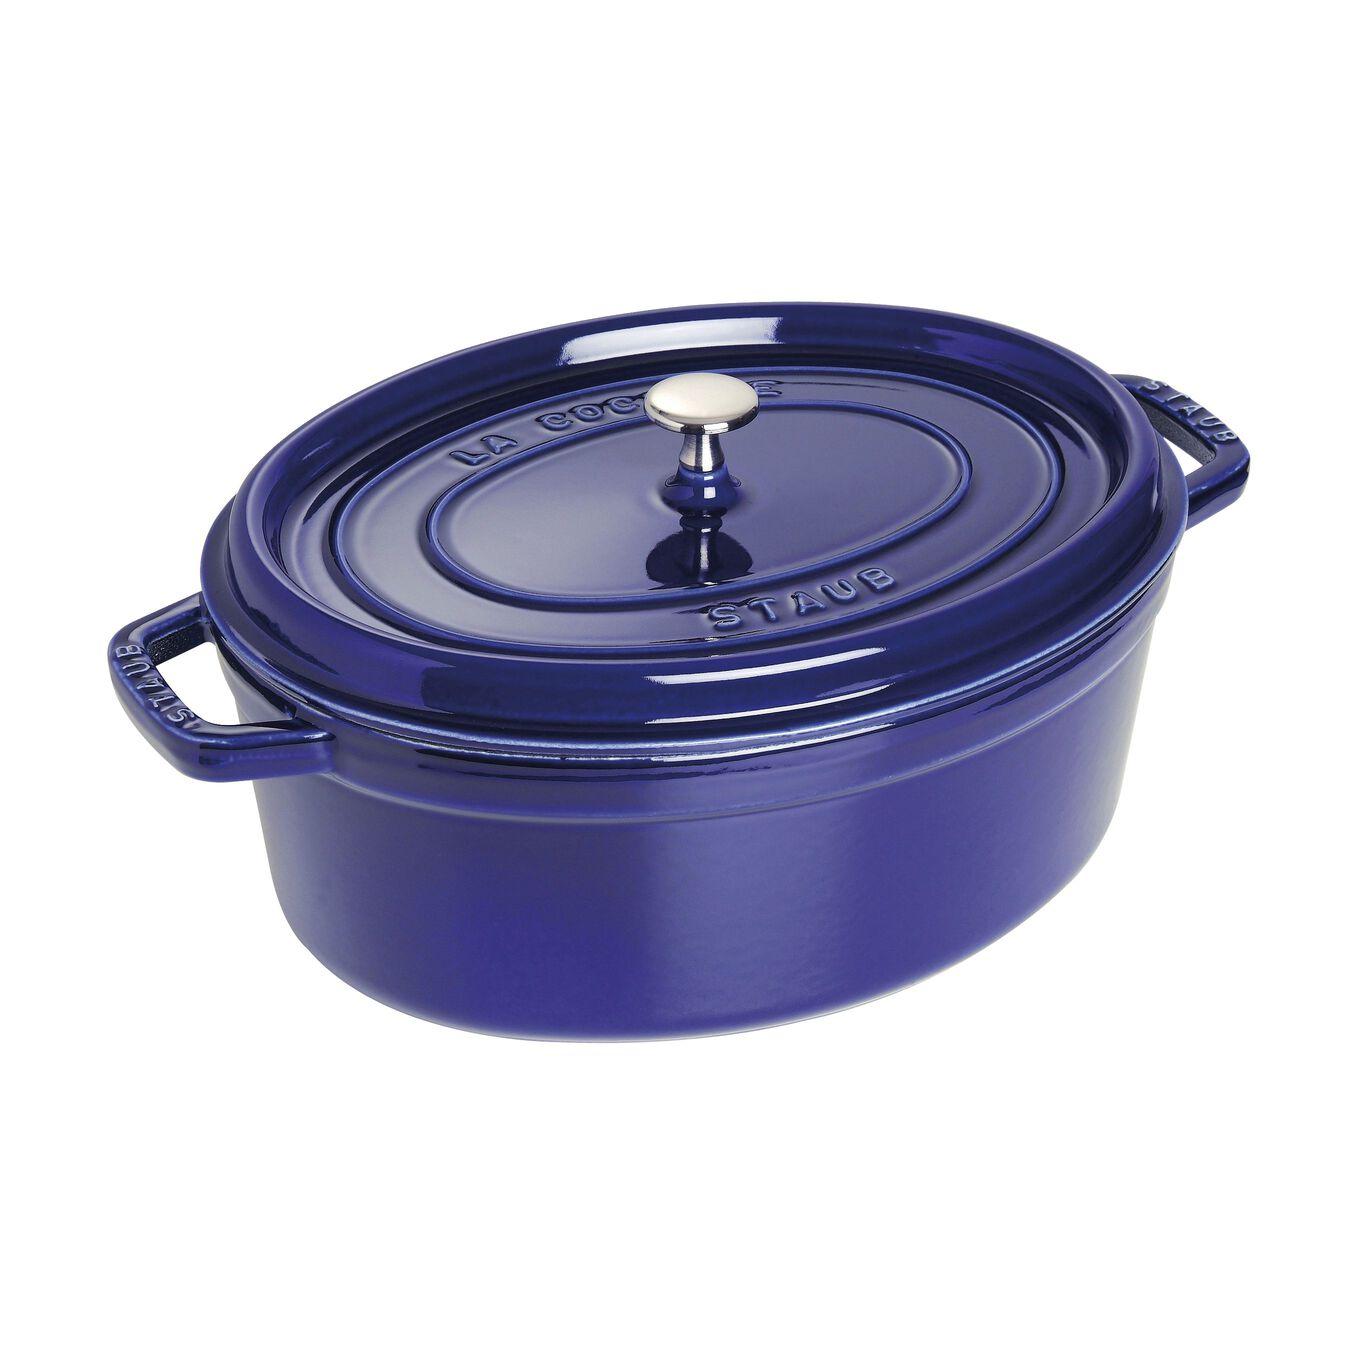 Döküm Tencere, 31 cm | Koyu Mavi | Oval | Döküm Demir,,large 1